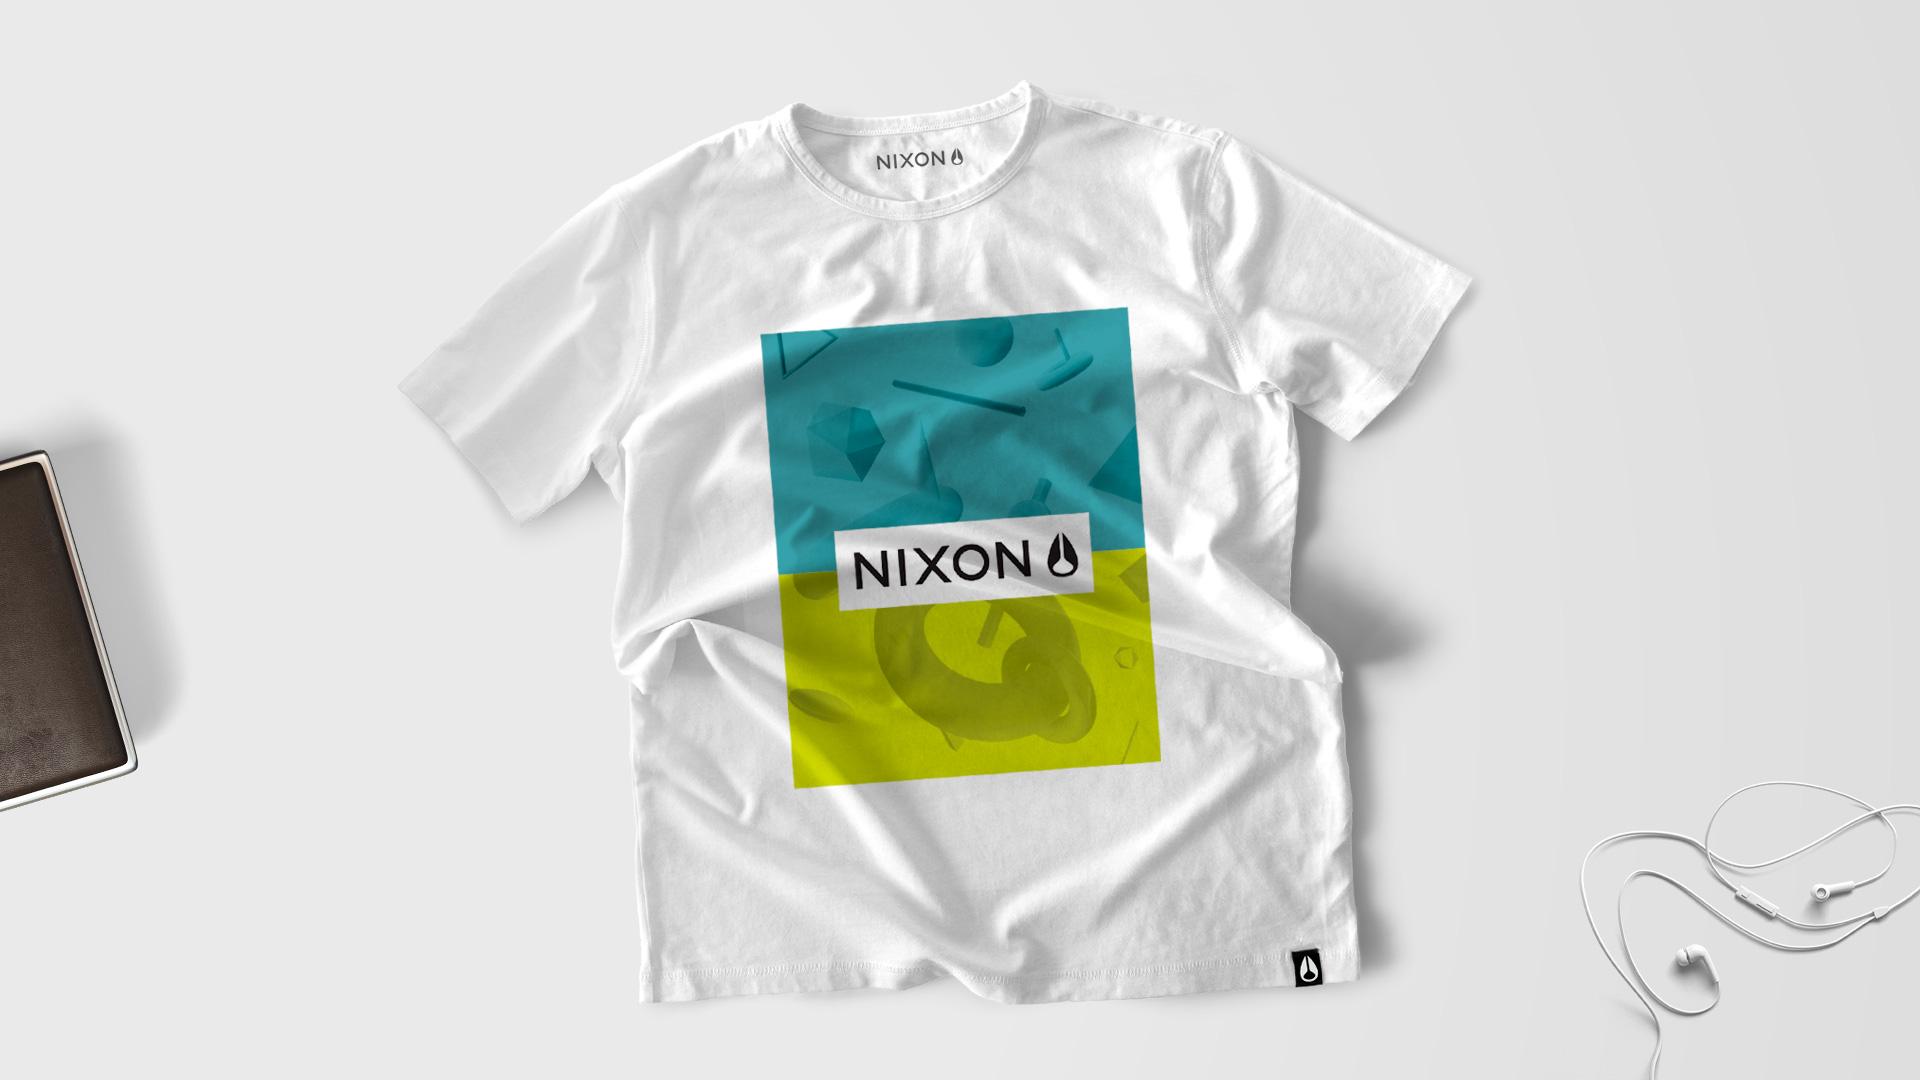 5_advertising_design_graphic_nixon